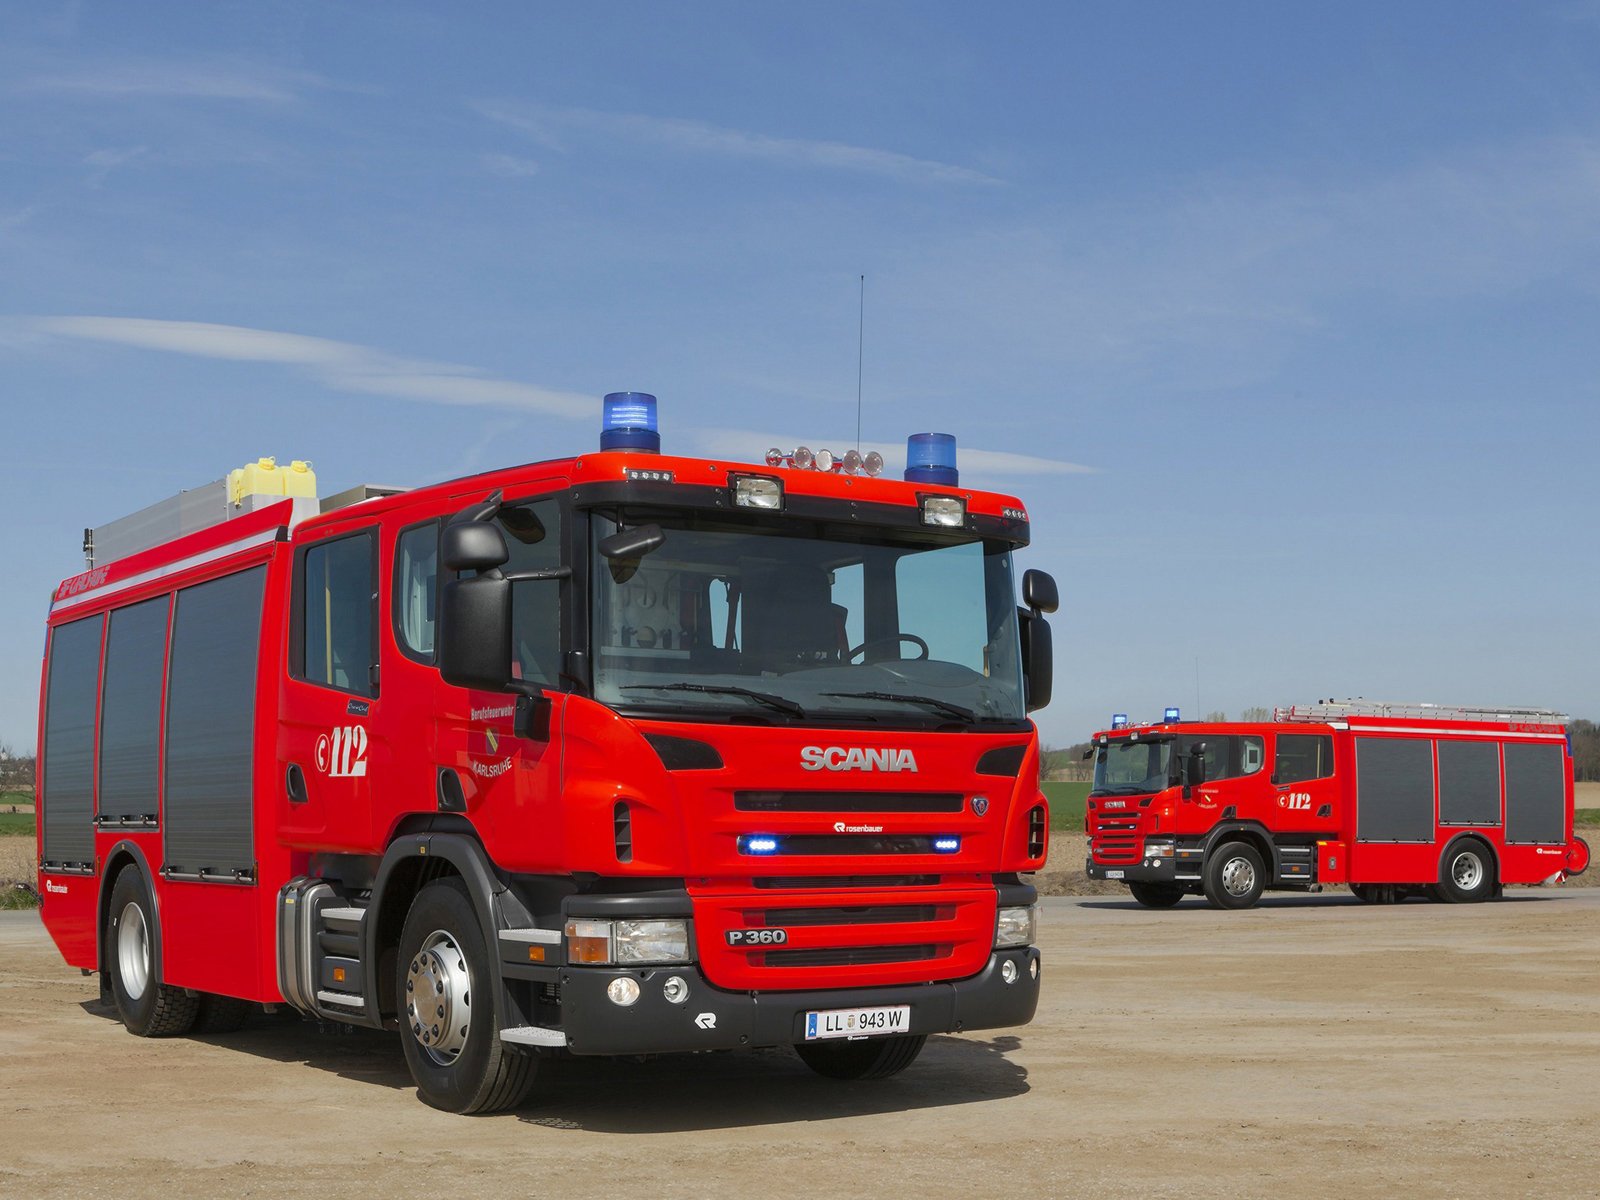 2008 Rosenbauer Scania P360 L